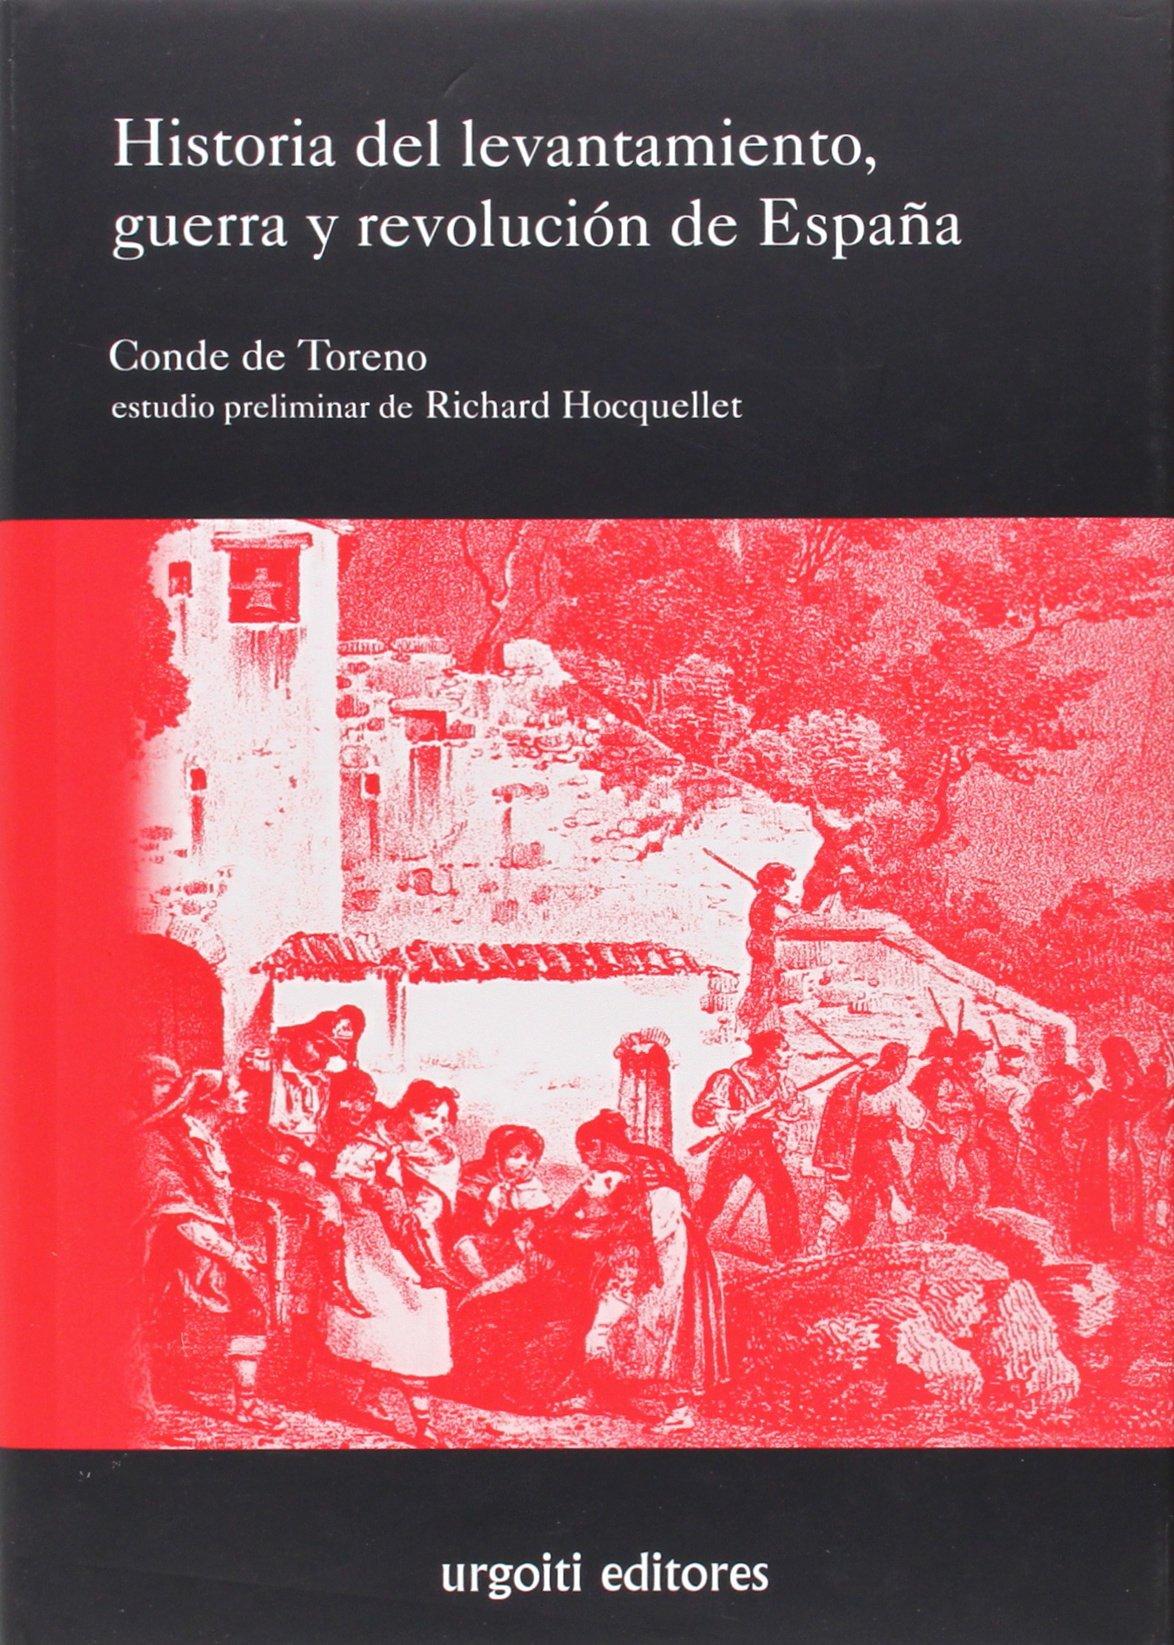 Historia del levantamiento, guerra y revolución de España Grandes Obras: Amazon.es: Toreno, Conde de, Hocquellet, Richard: Libros